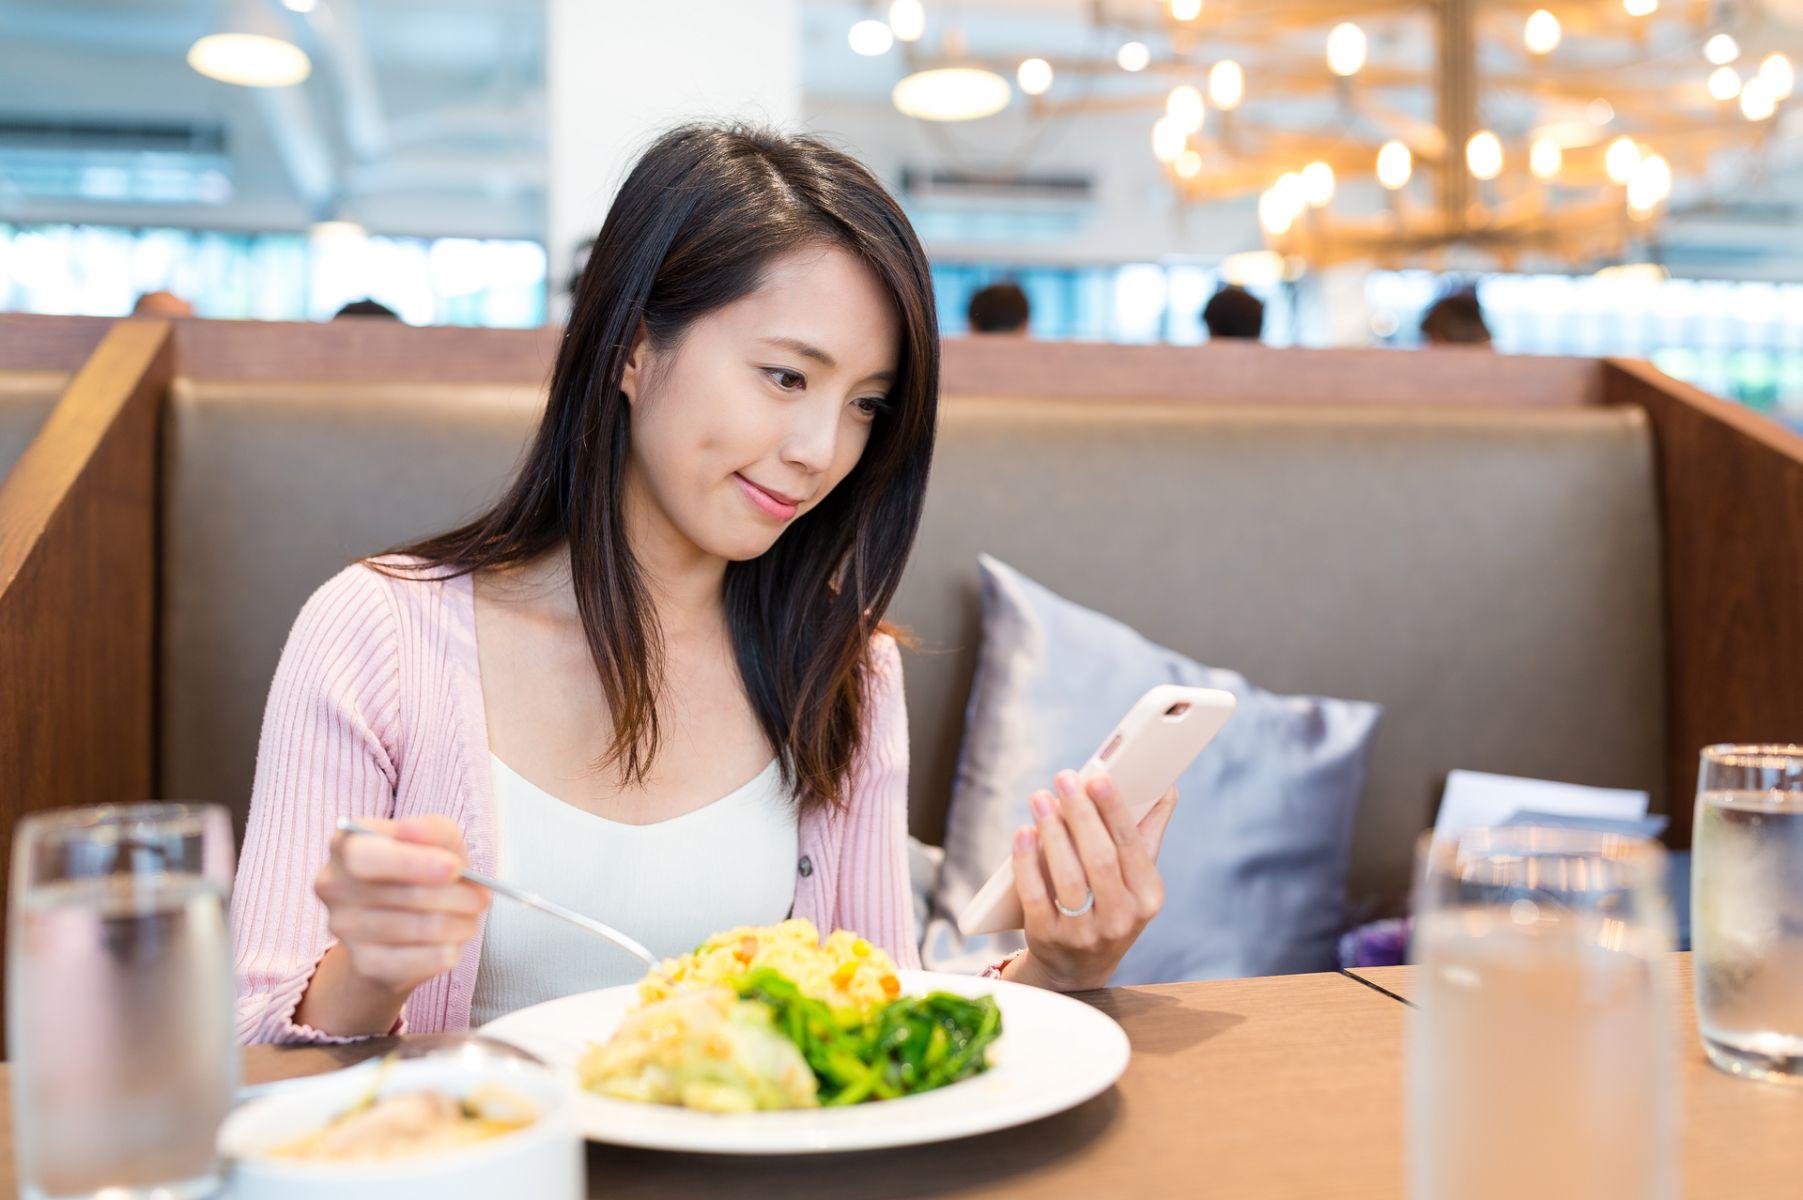 現代人習慣邊吃東西邊滑手機 小心毒素吞下肚